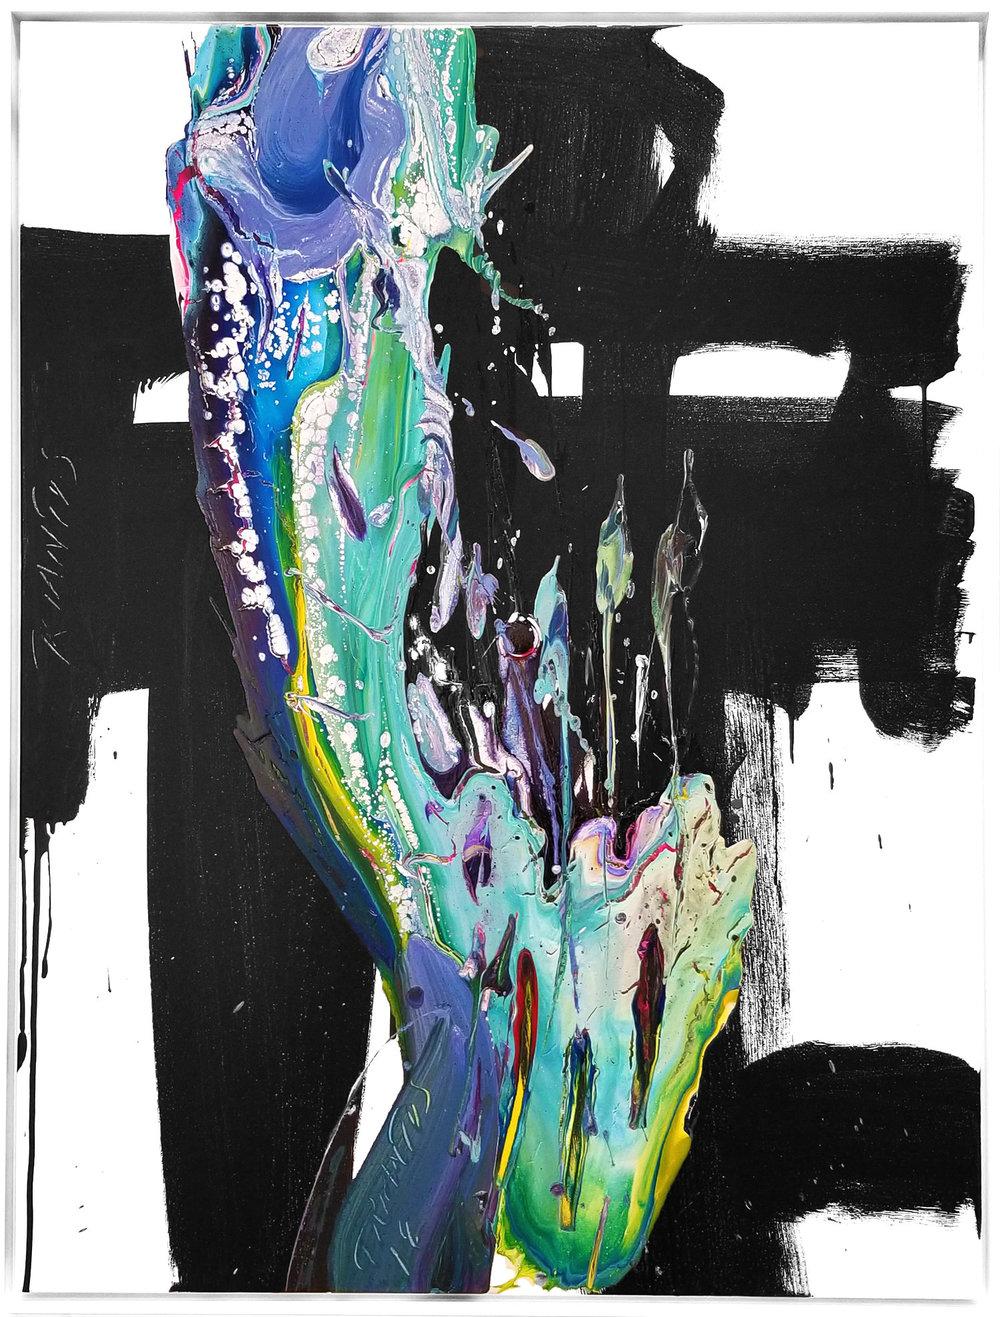 """SP²#128, 2018, acrylic on canvas, 48""""x36"""" (122 x 91.4 cm)"""